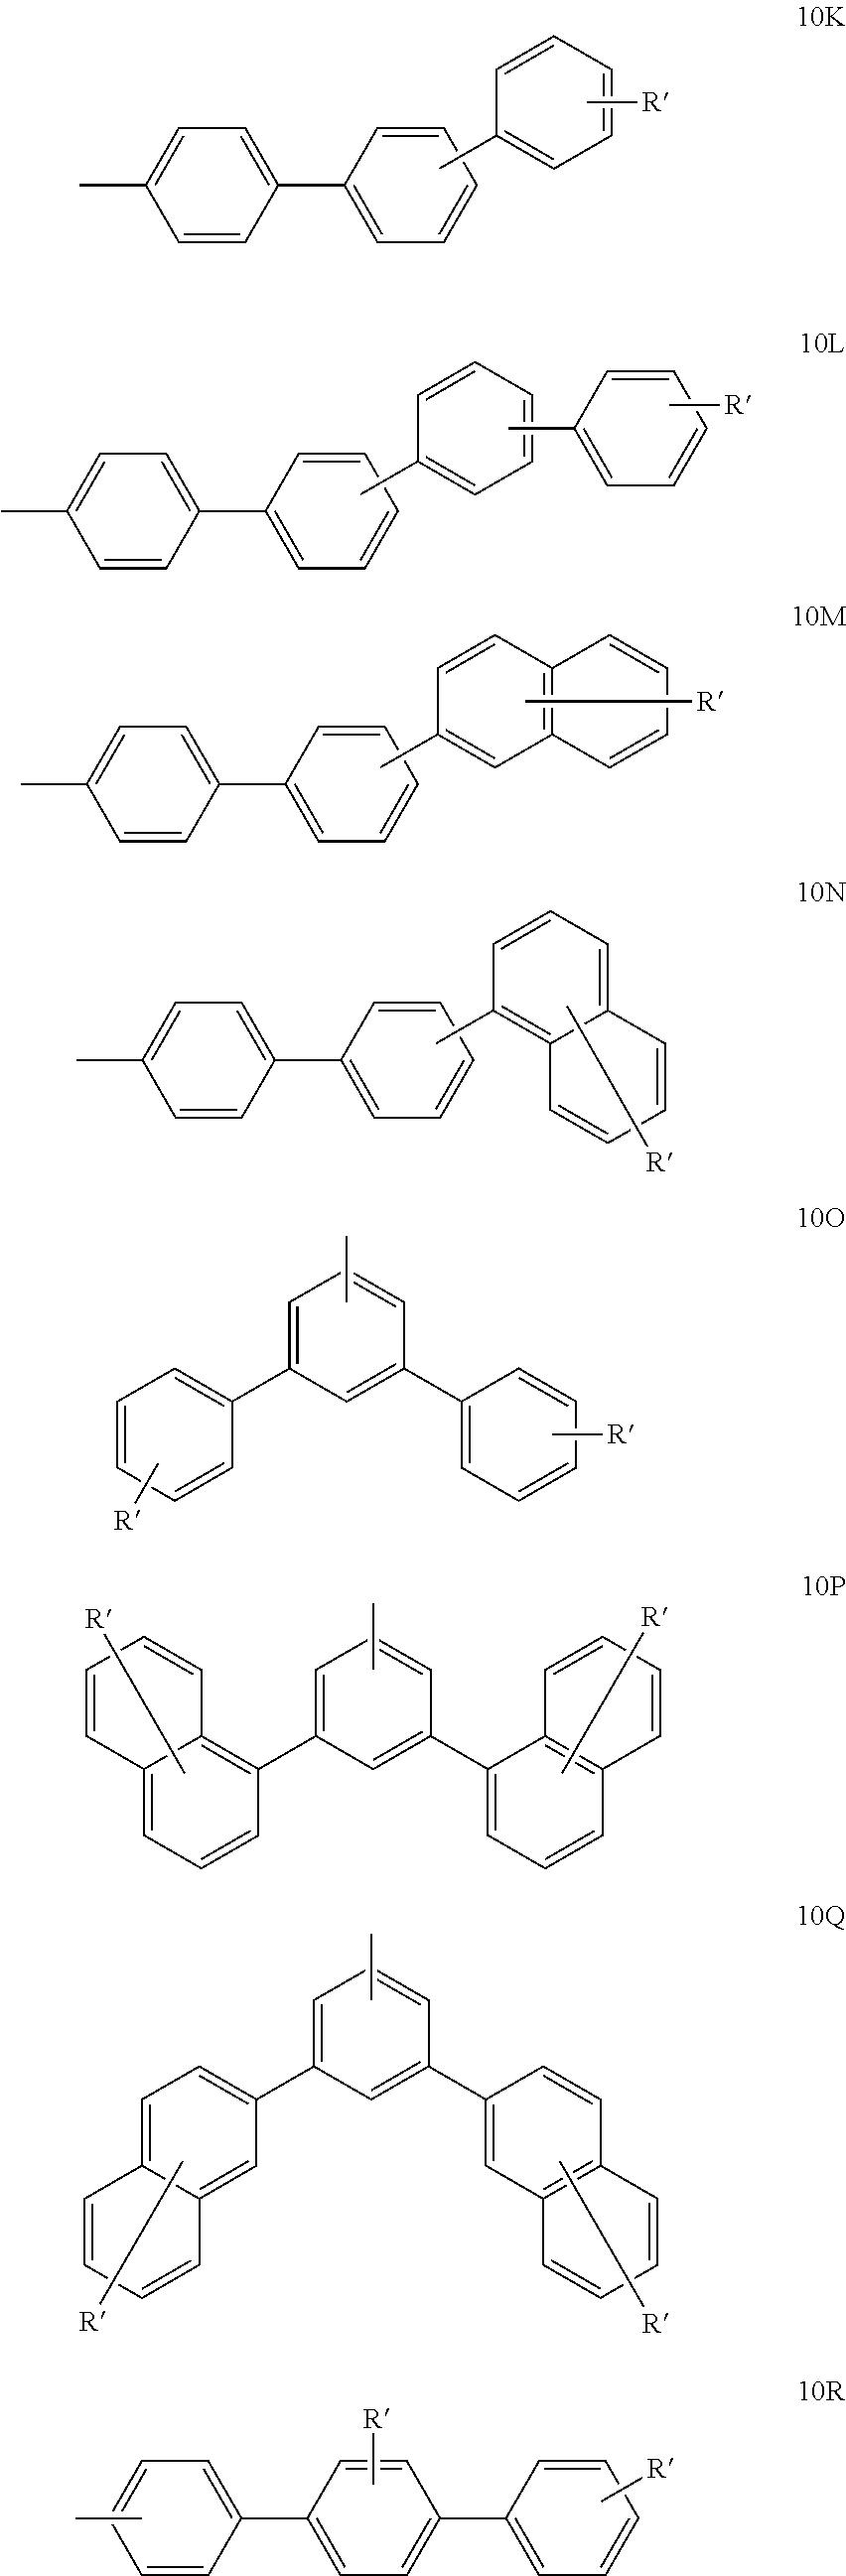 Figure US07875367-20110125-C00076